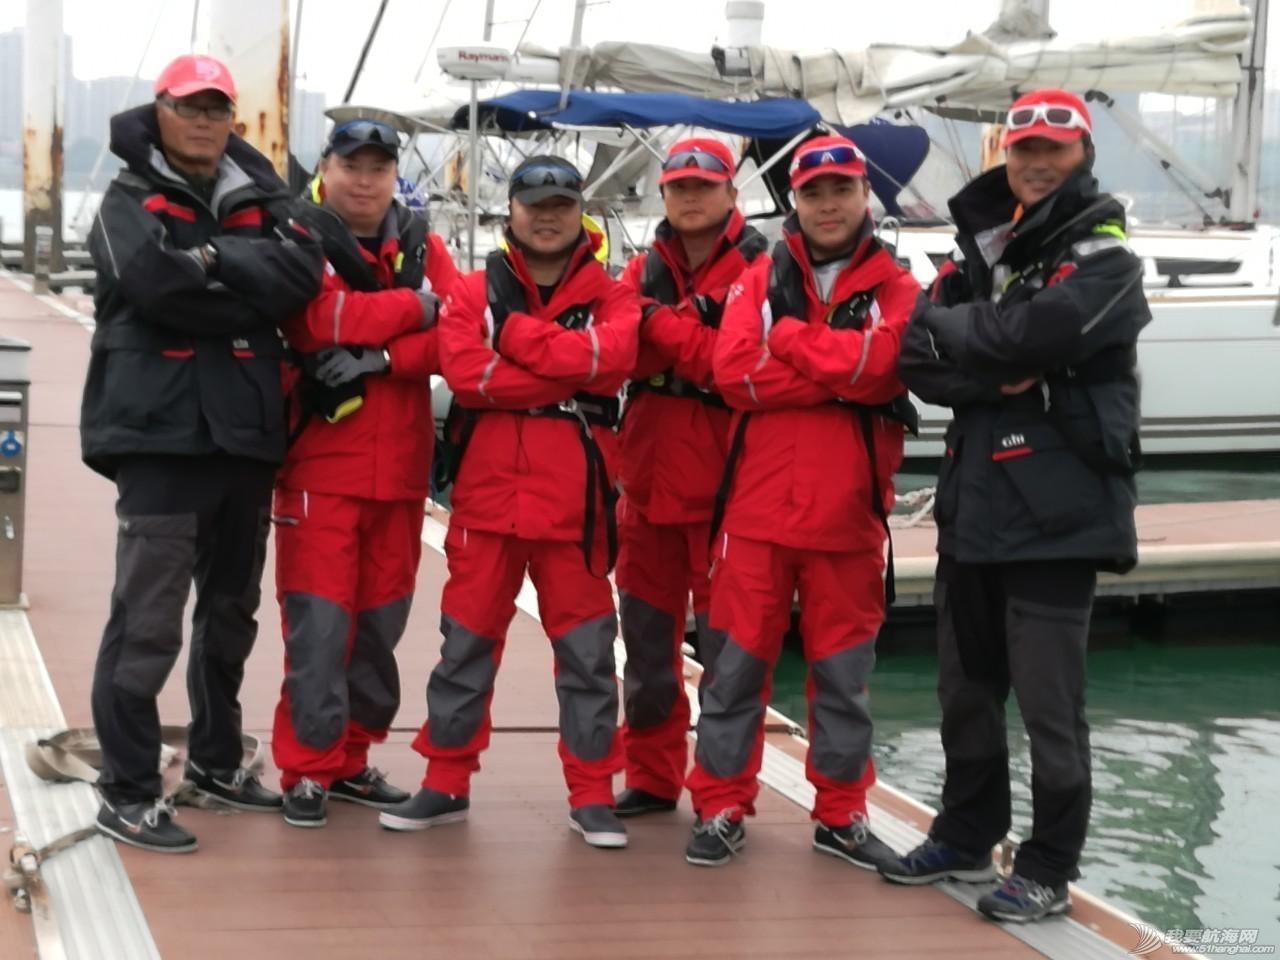 帆船运动,海南岛,老男孩,俱乐部,梦之队 老男孩梦之队:勇敢扬帆,圆梦海上! 5f33dc3deae5ae38a9fc3a82332be4a5.jpg